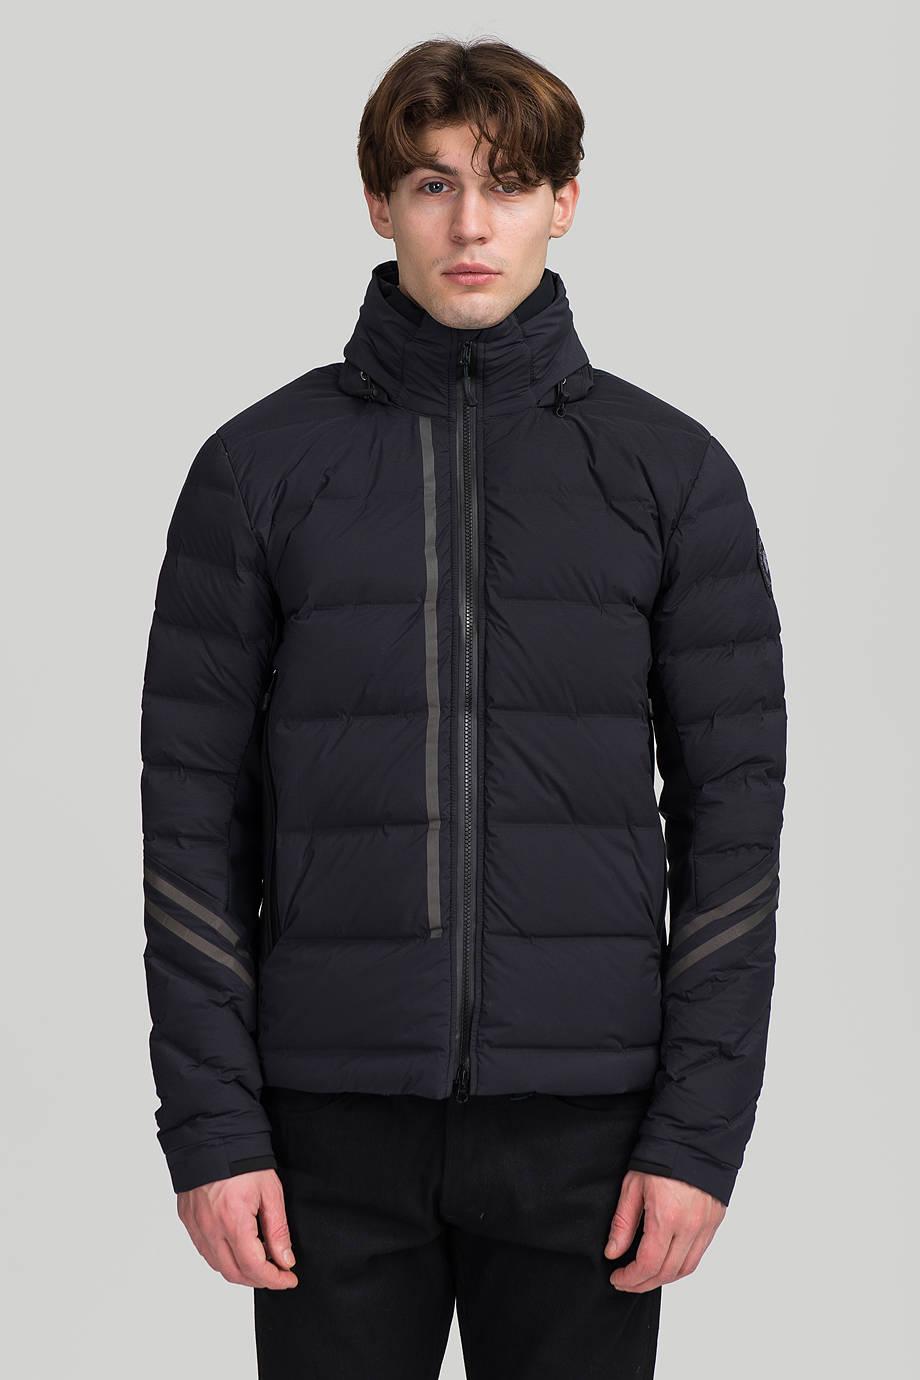 Как выбрать мужские куртки Canada Goose?